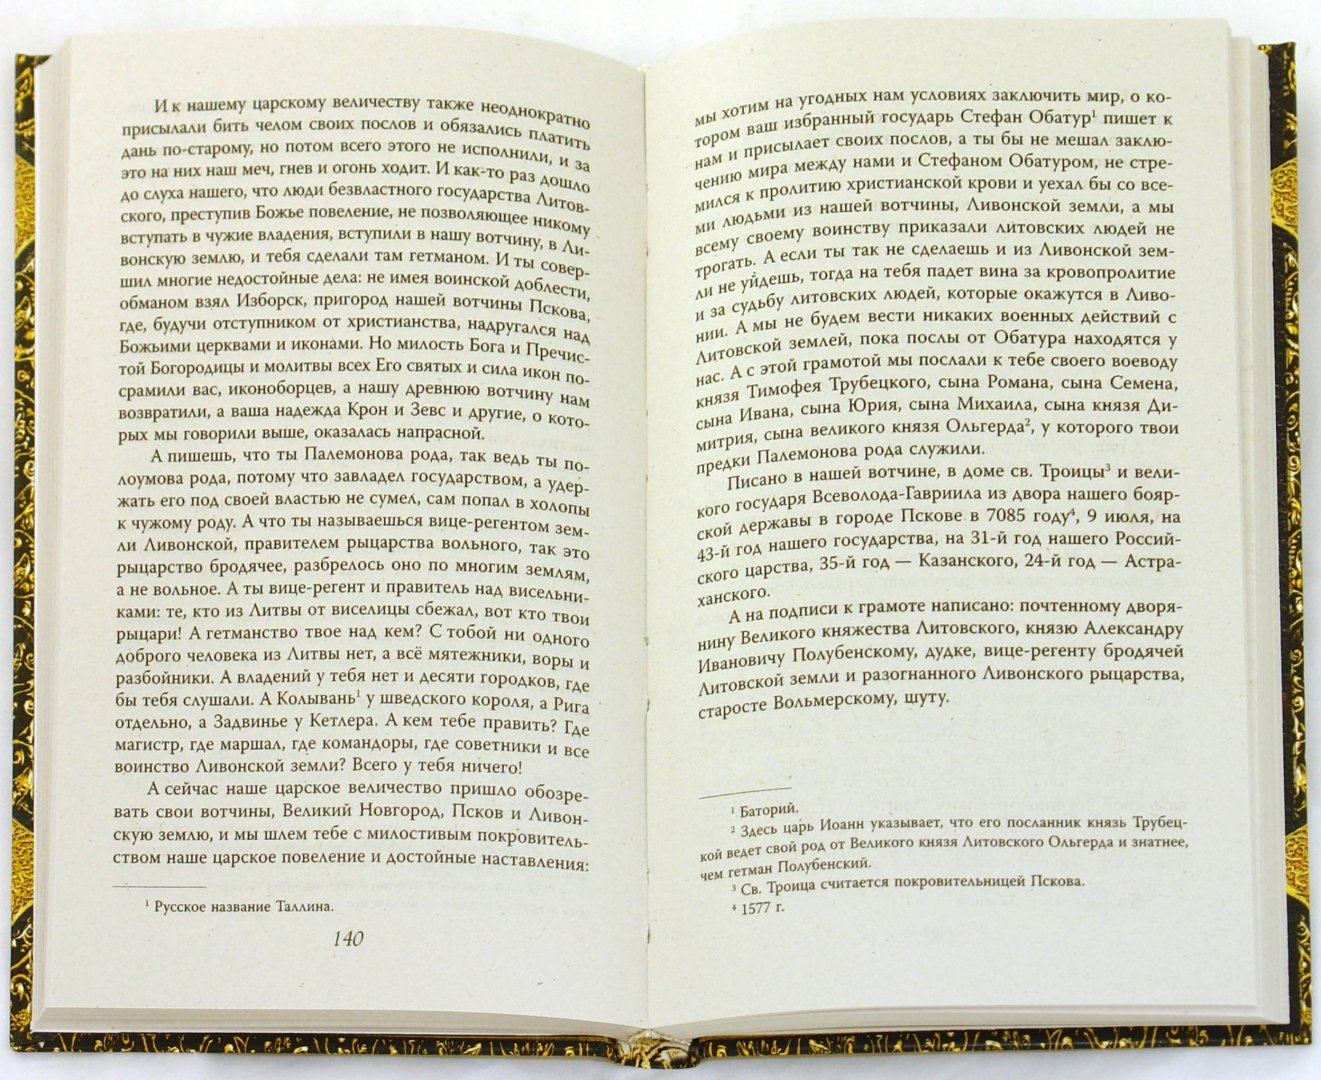 Иллюстрация 1 из 44 для Царская правда - Иоанн Грозный | Лабиринт - книги. Источник: Лабиринт